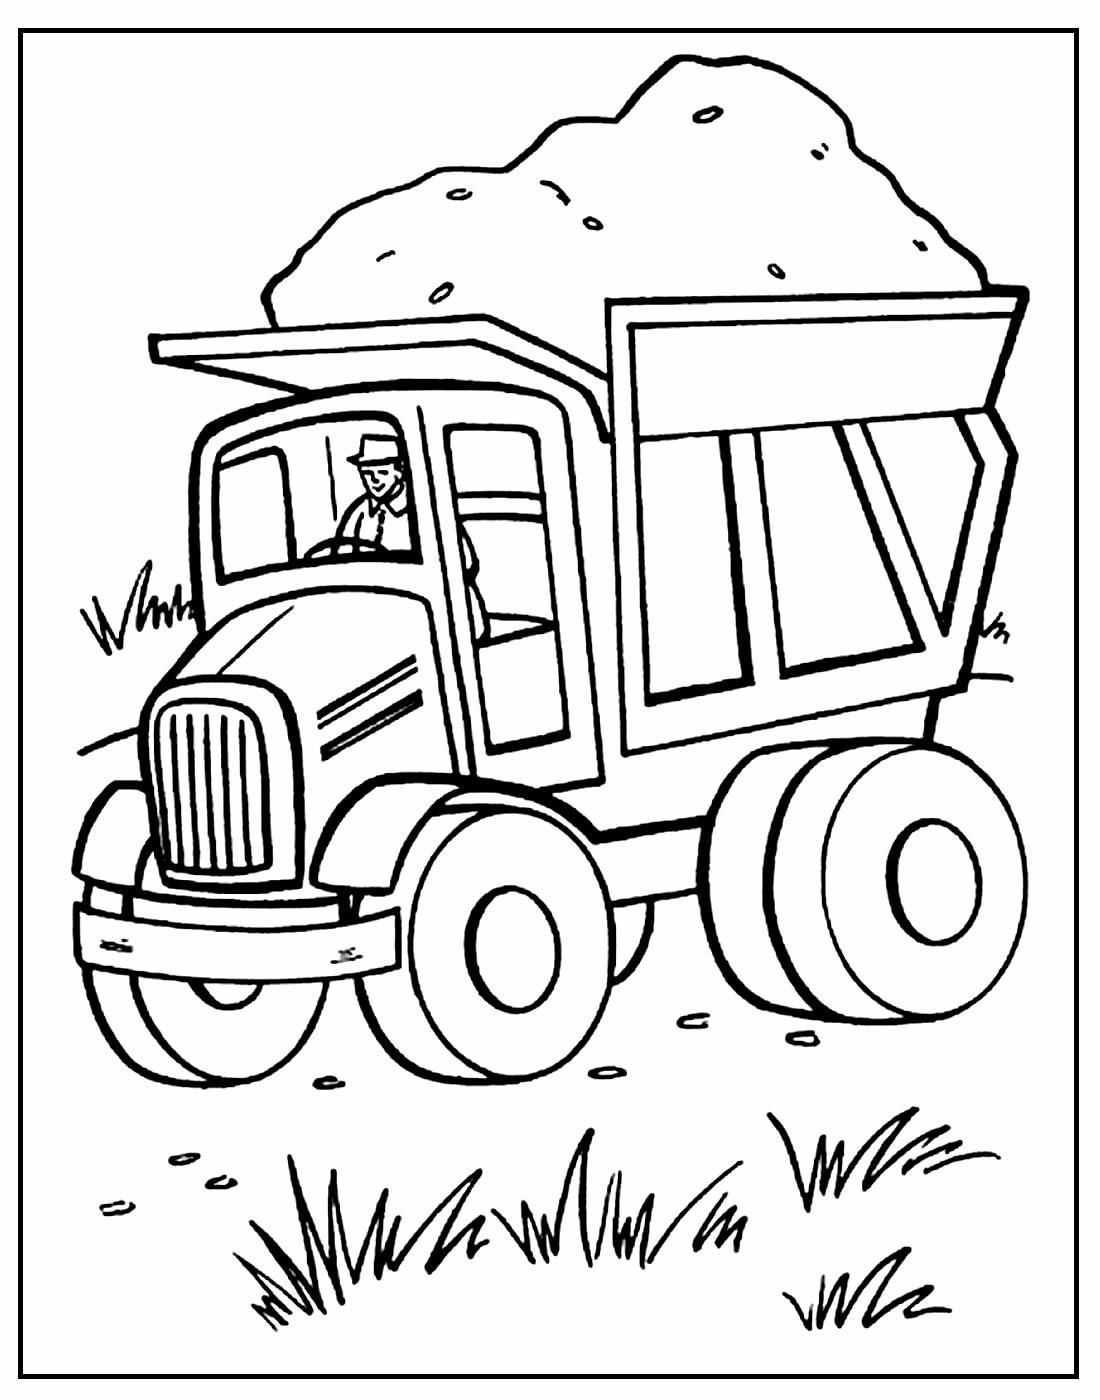 Página para colorir de Caminhão